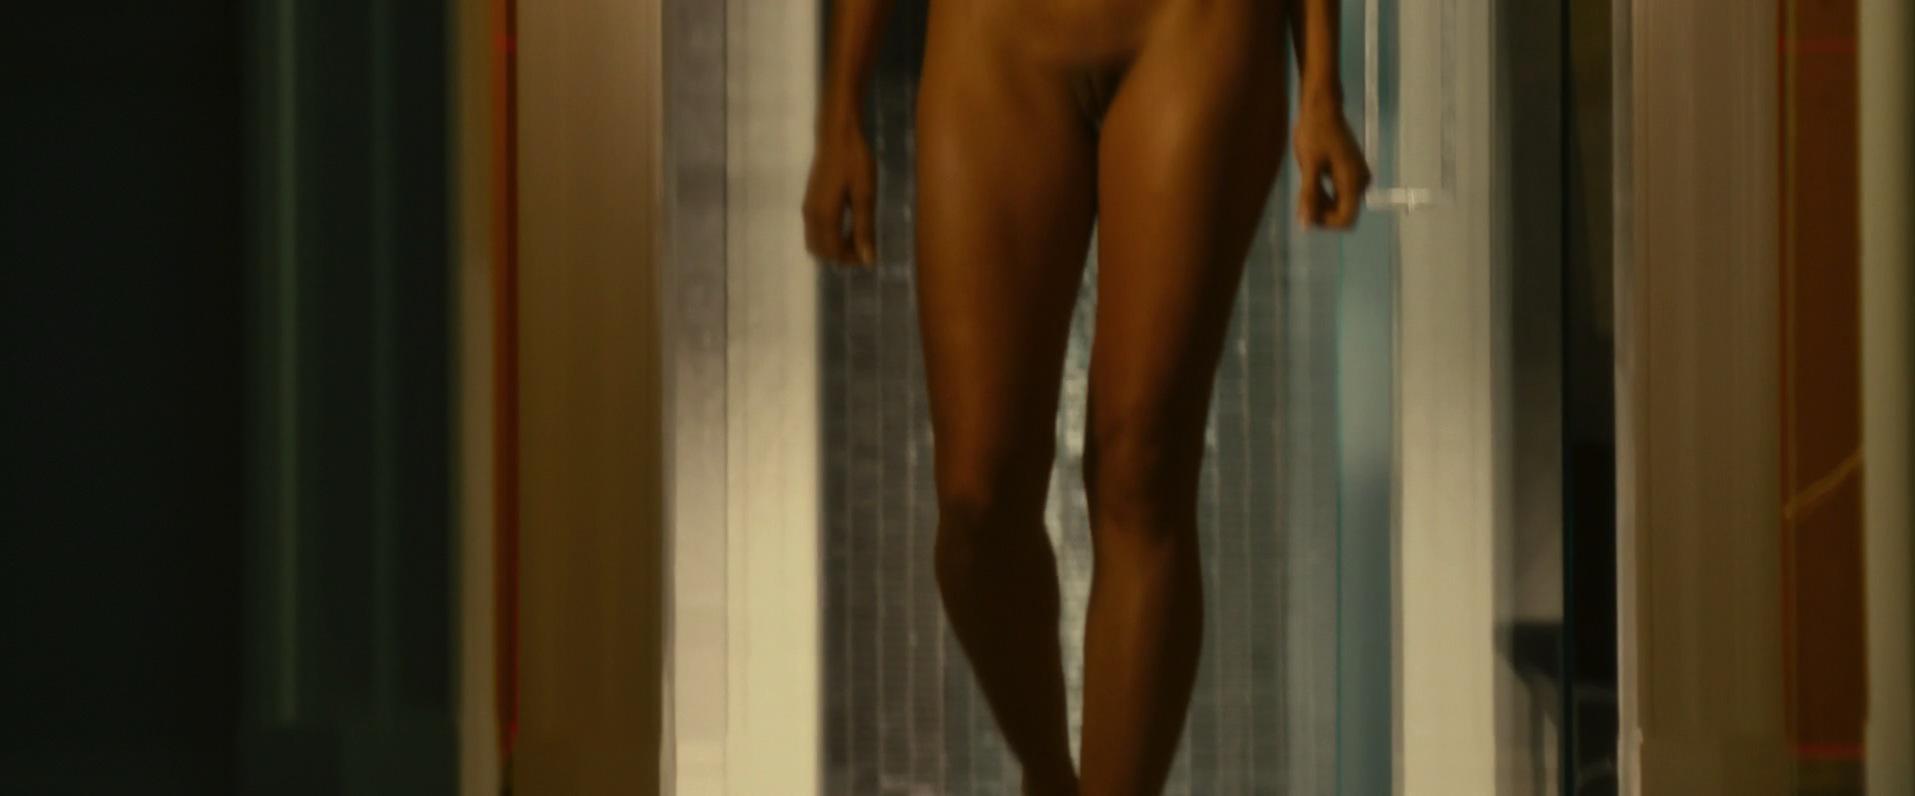 Rosario dawson nude alexander